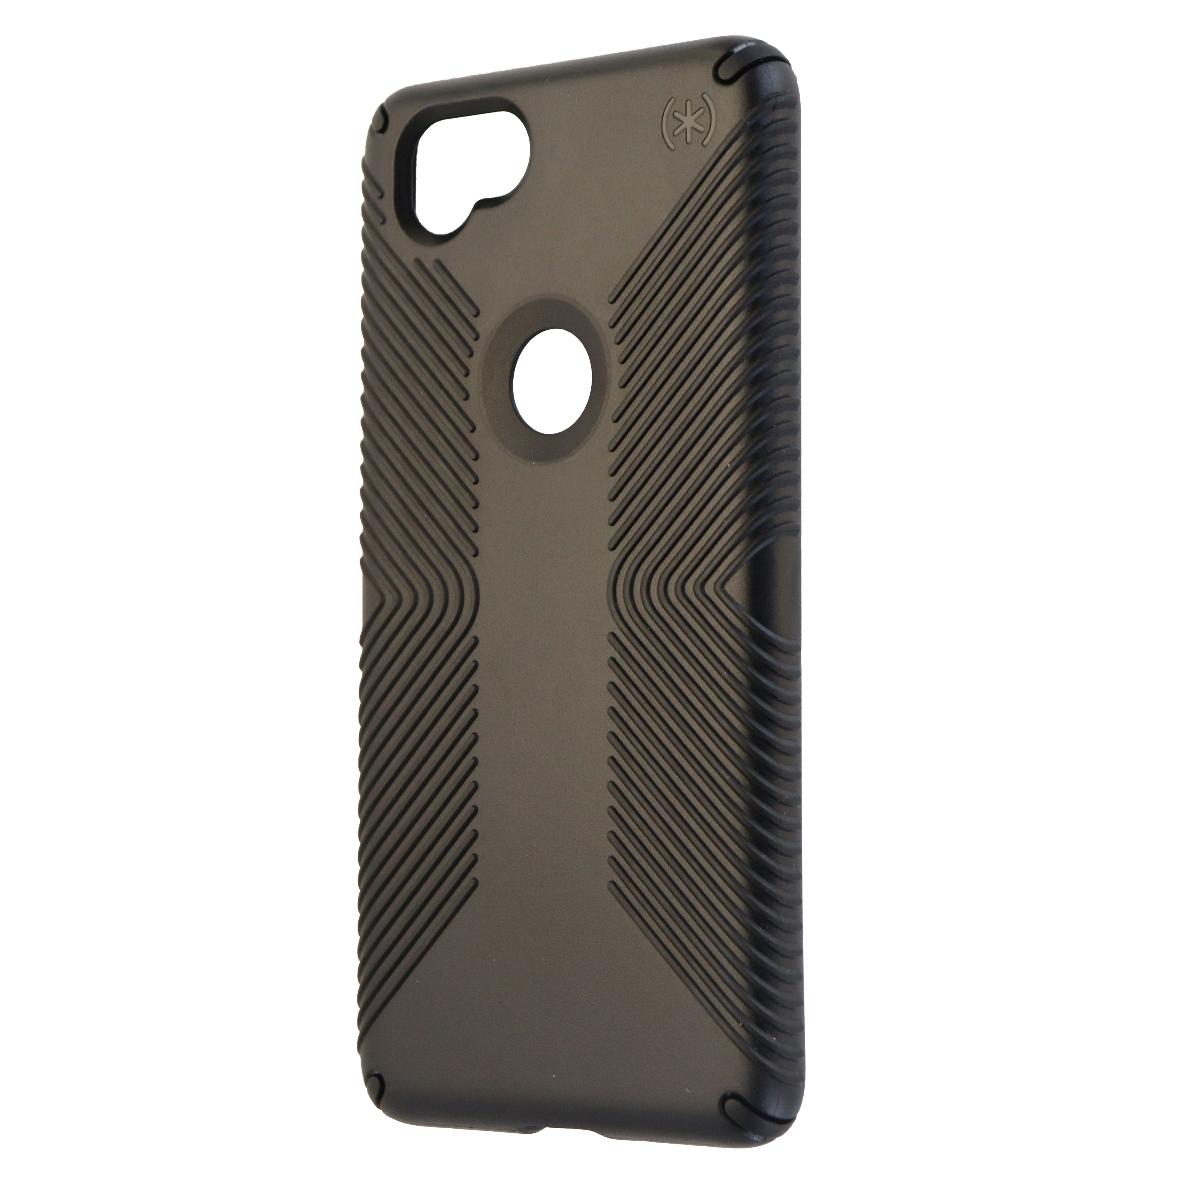 Speck Presidio Grip Series Slim Hard Case Cover for Google Pixel 2 - Black